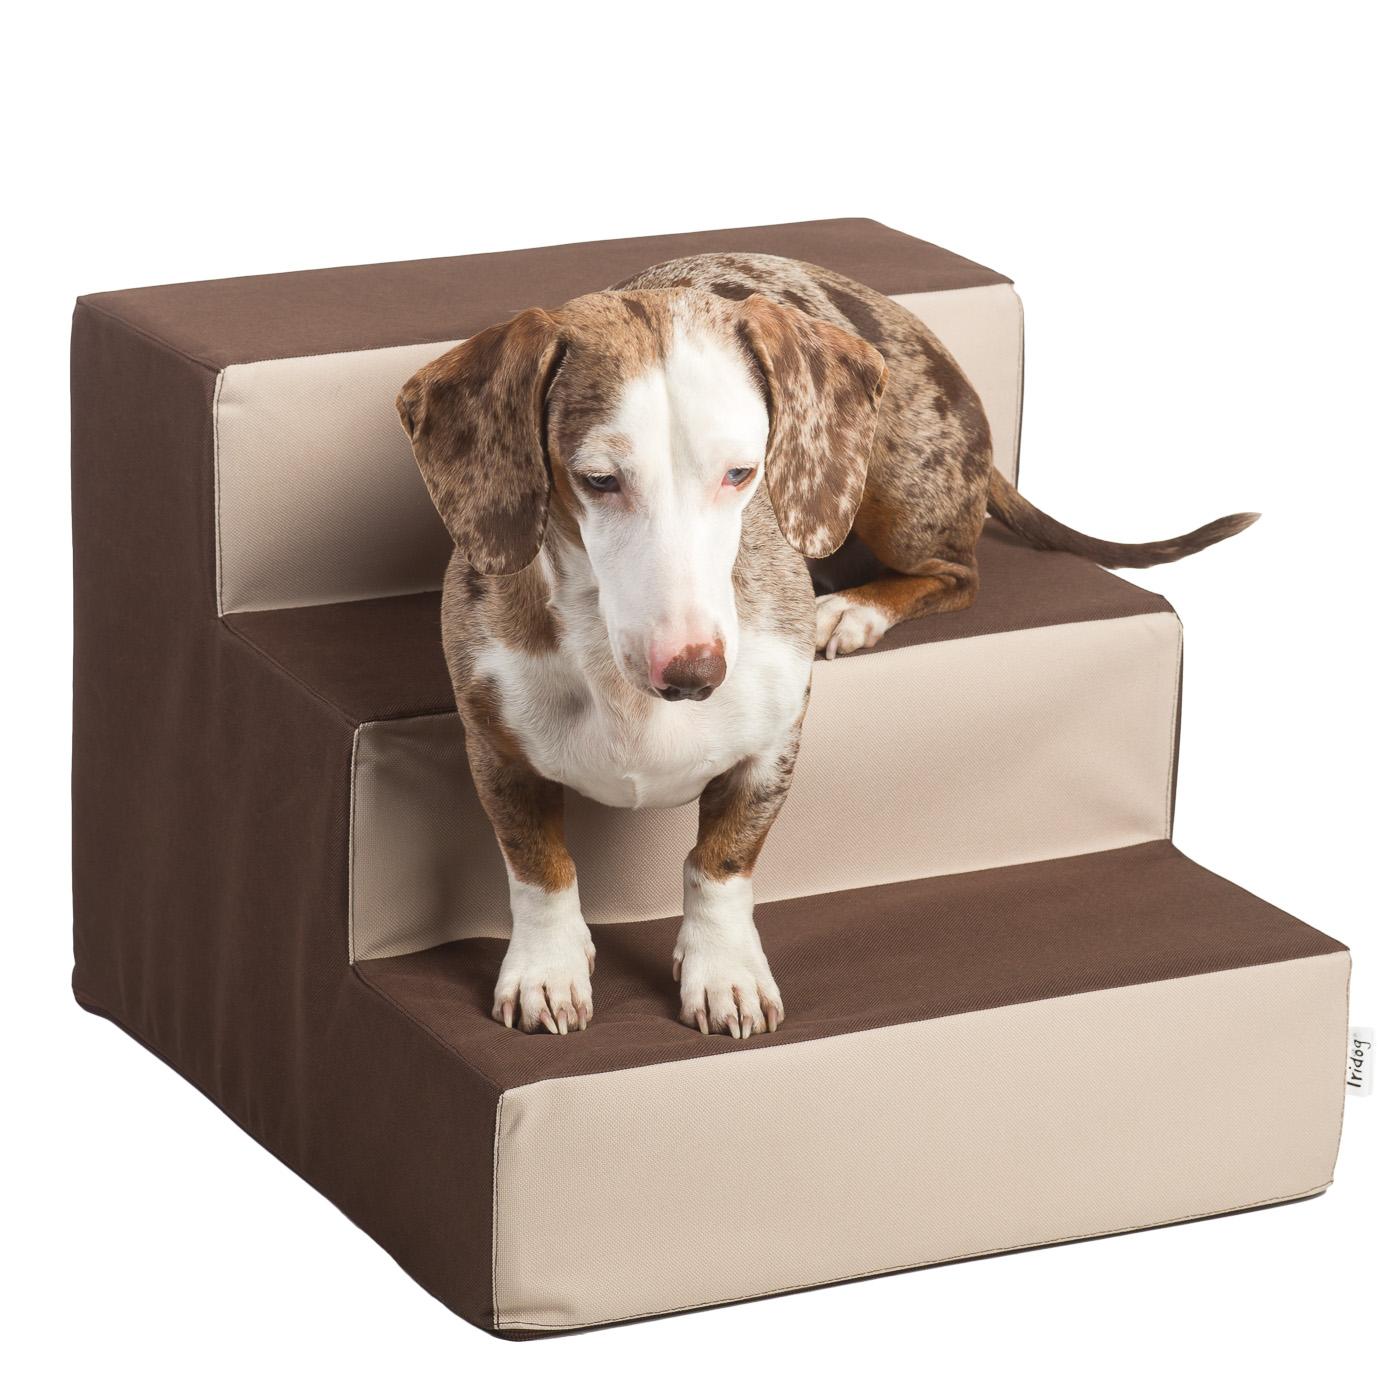 Schody pro psy, no. 29, čokoládovo-béžové, 1 malé